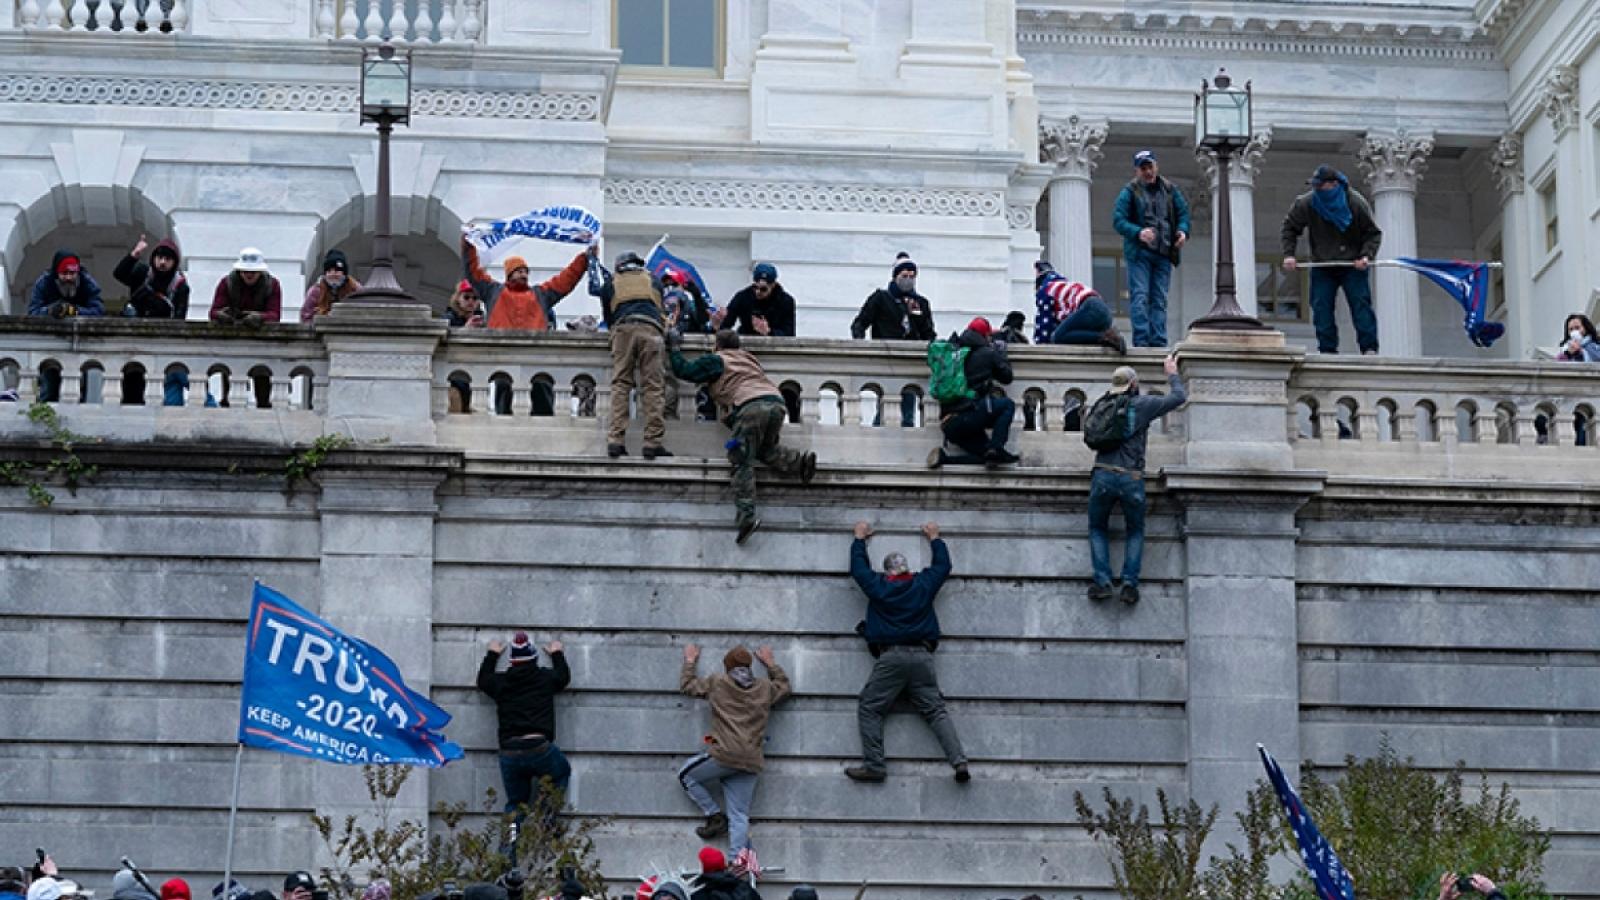 Thế giới phản ứng như thế nào trước cuộc biểu tình tại Mỹ?